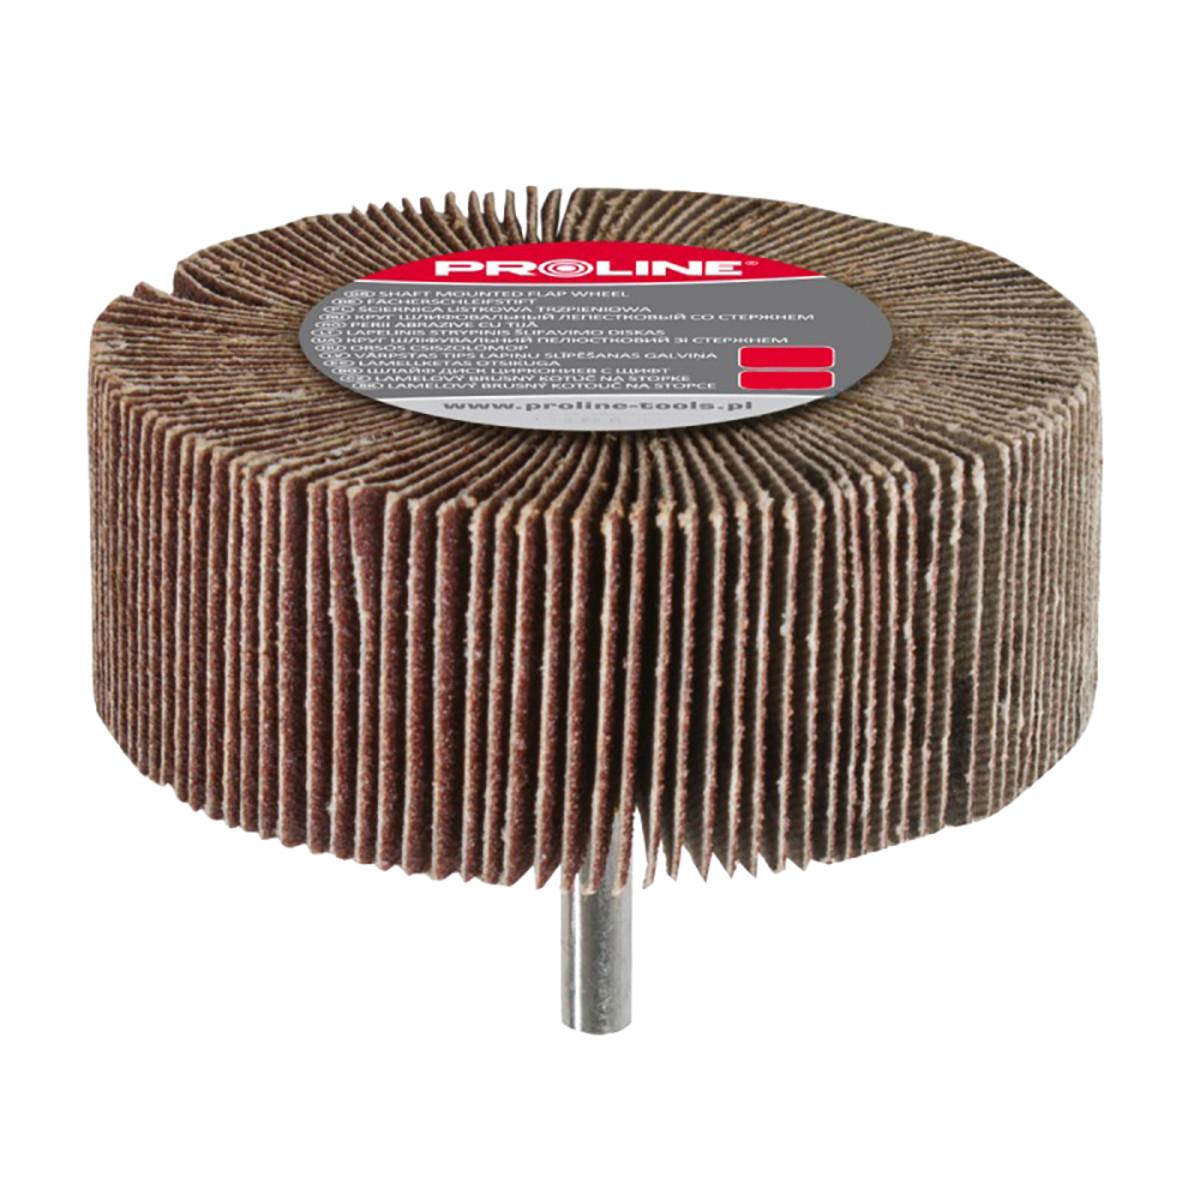 Шлифовальная головка Proline 44833 60х30 мм лепестковая (80 ед)